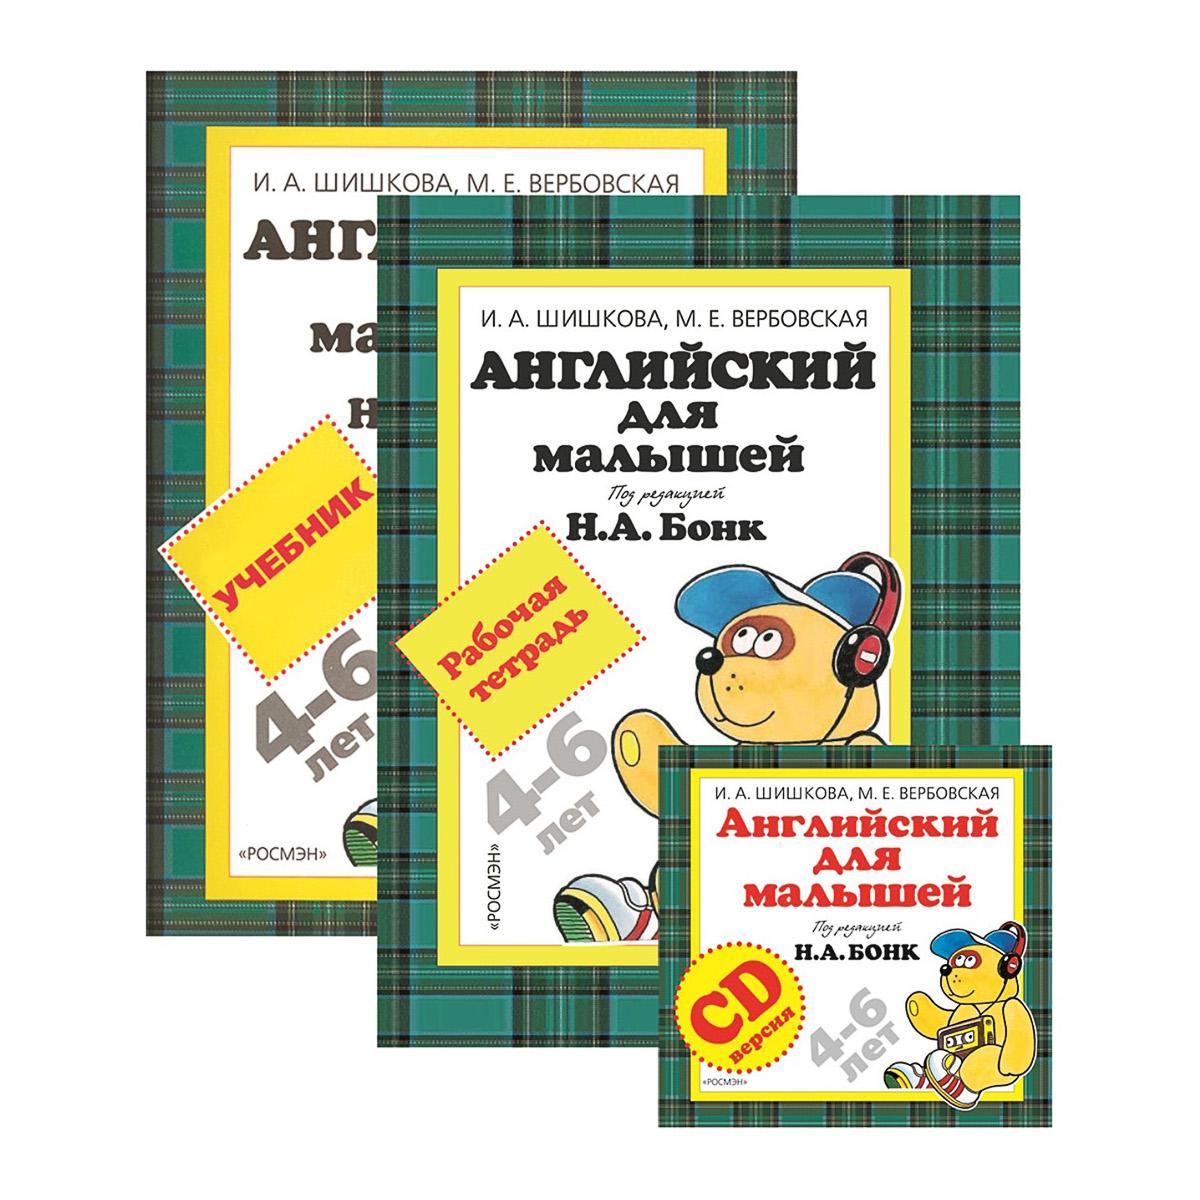 Комплект  Английский для малышей. И. А. Шишкова, книга, тетрадь, CD - Английский язык для детей, артикул: 162694